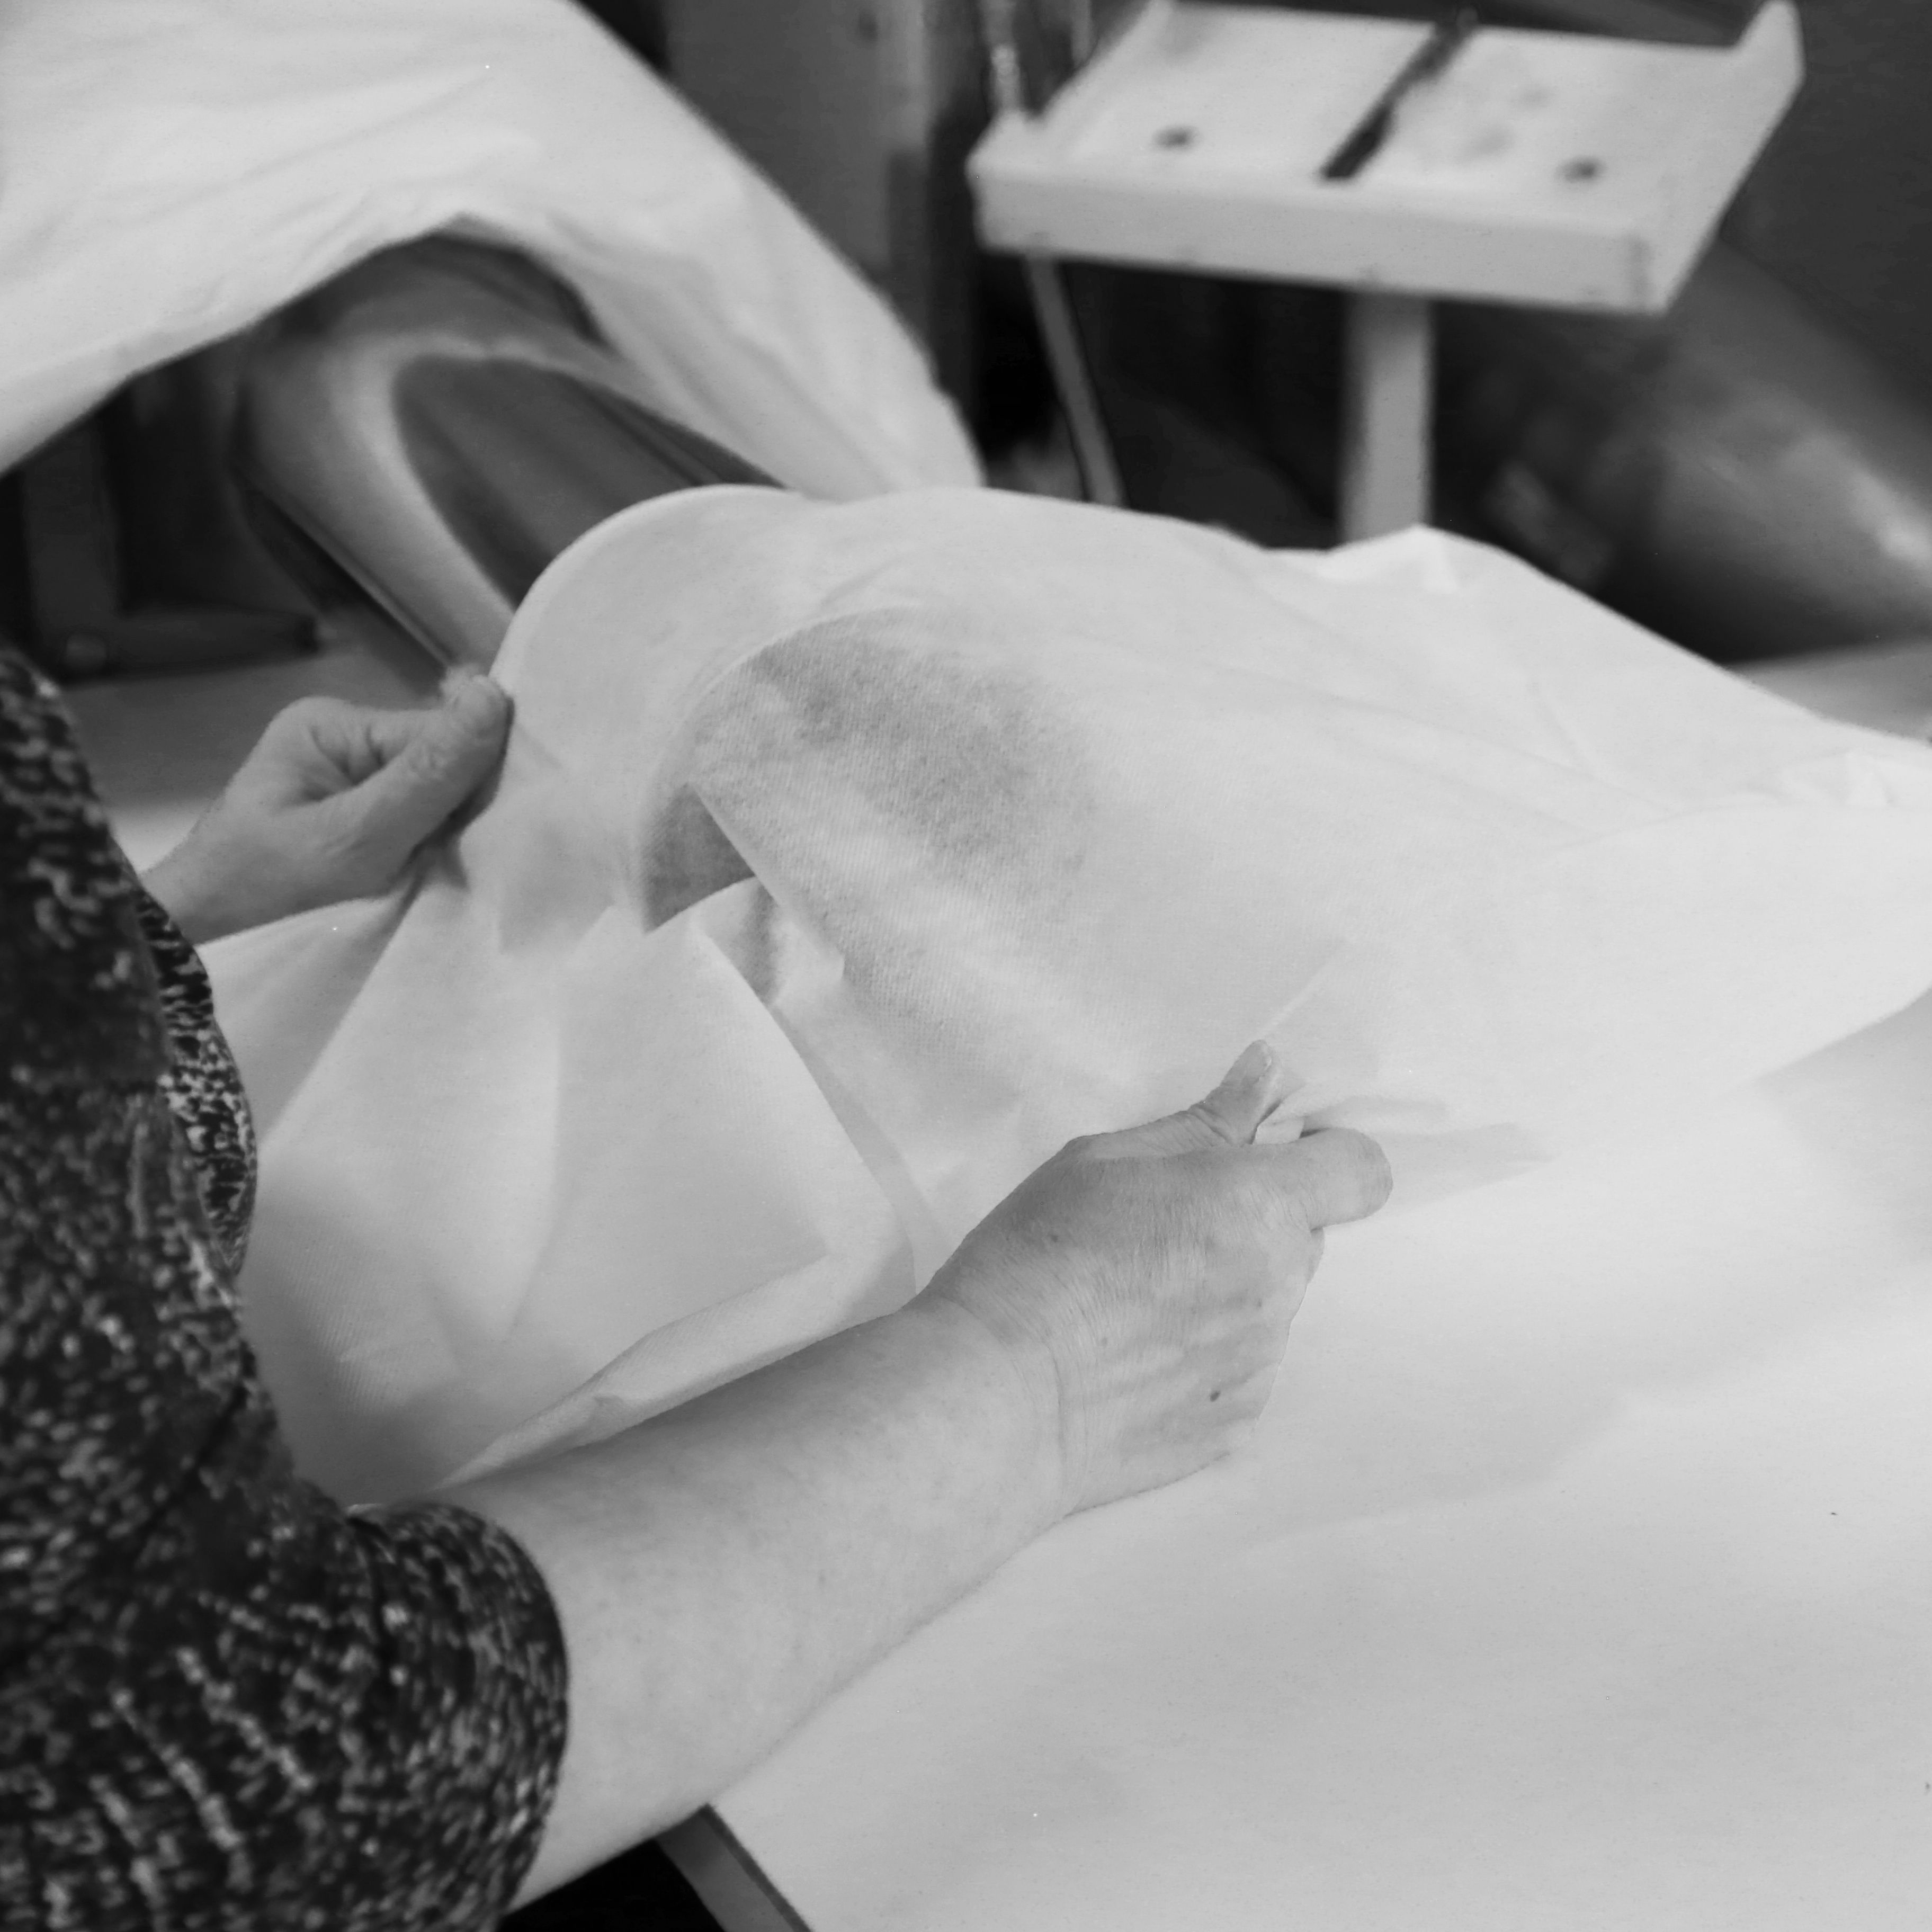 Työvaihe: Sohvatyynyjen täyttäminen | Craft: Filling sofa cushions Tuotantolinja: Sohvat | Production line: Sofas  #pohjanmaan #pohjanmaankaluste #käsintehty #craftsman #craftsmanship #handmadefurniture #furnituremaker #furnituredecor